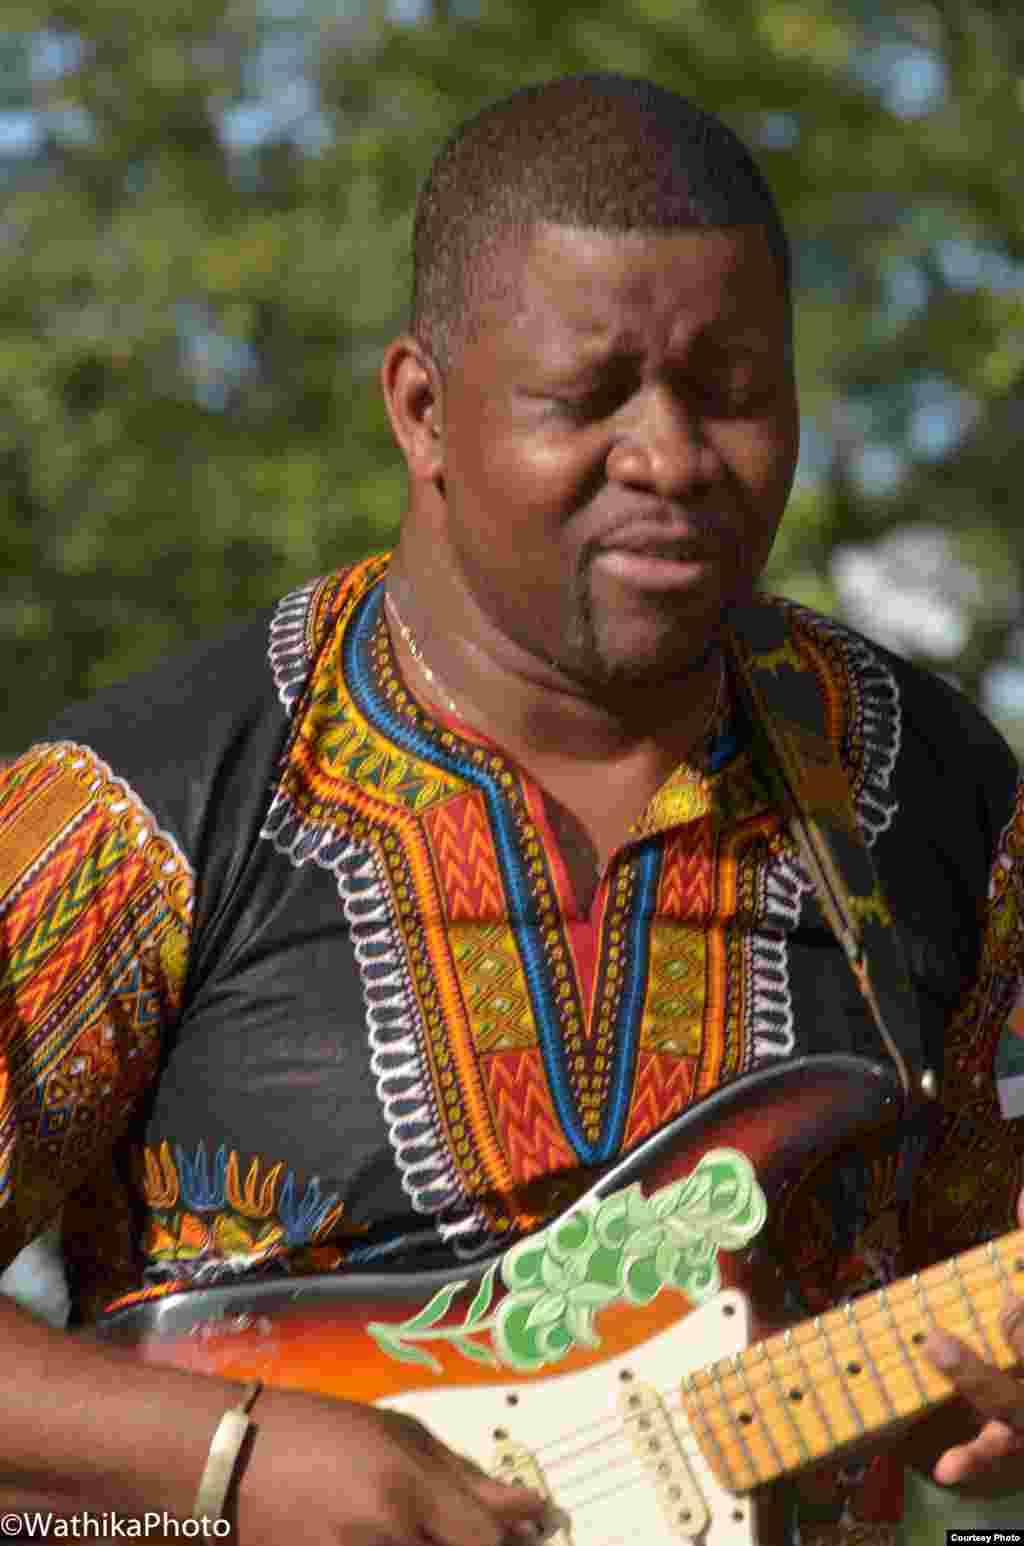 Manecas Costa, músico que acompanha Paulo Flores, em palco no concerto de Paulo Flores em Nova Iorque